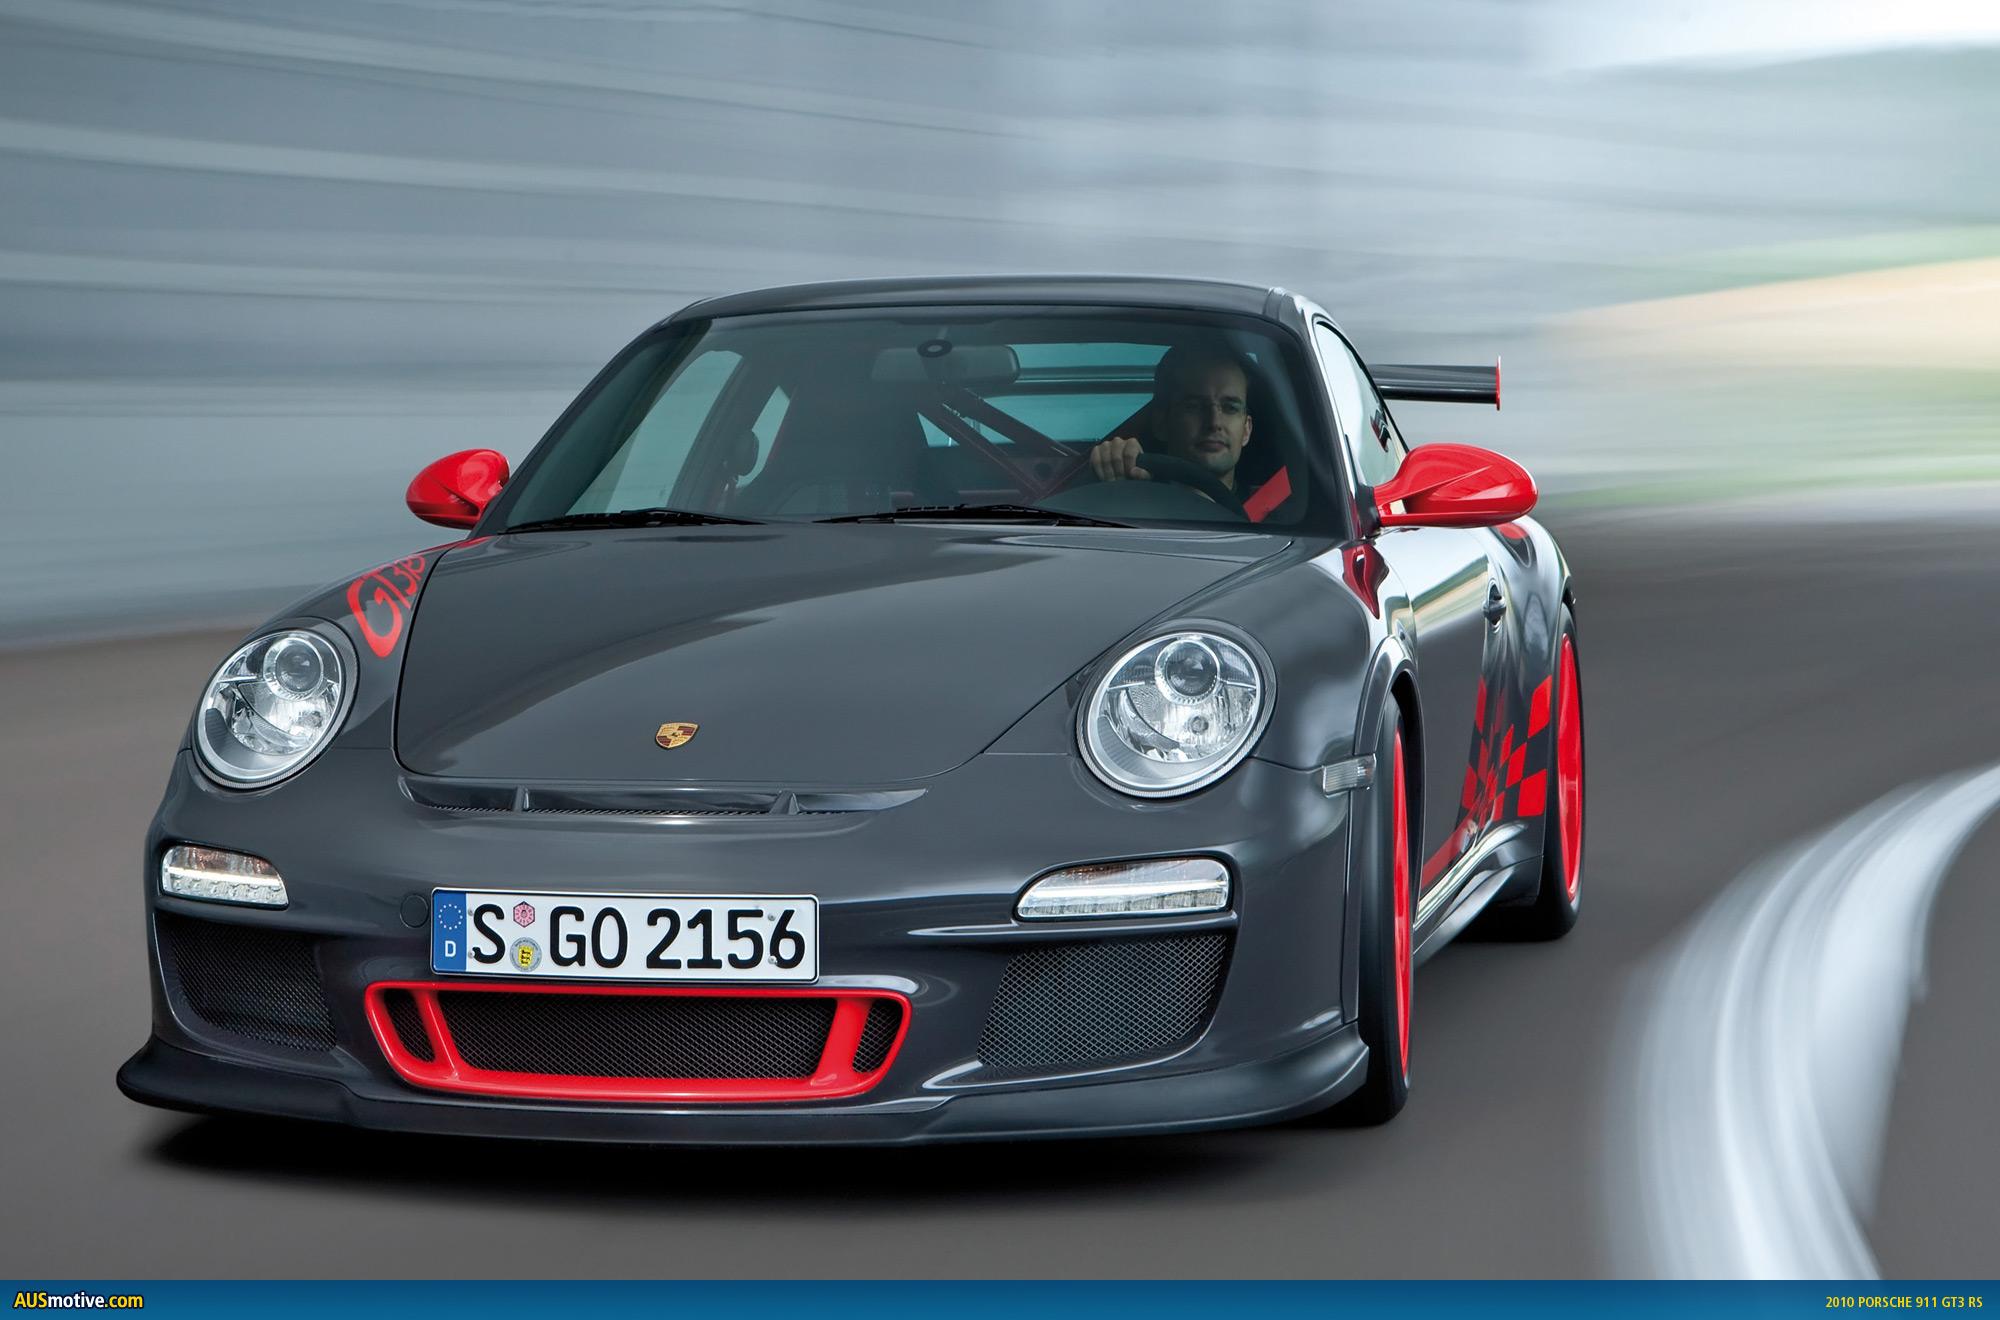 Porsche 911 gt3 rs review 2017 autocar - 2010 Porsche 911 Gt3 Rs